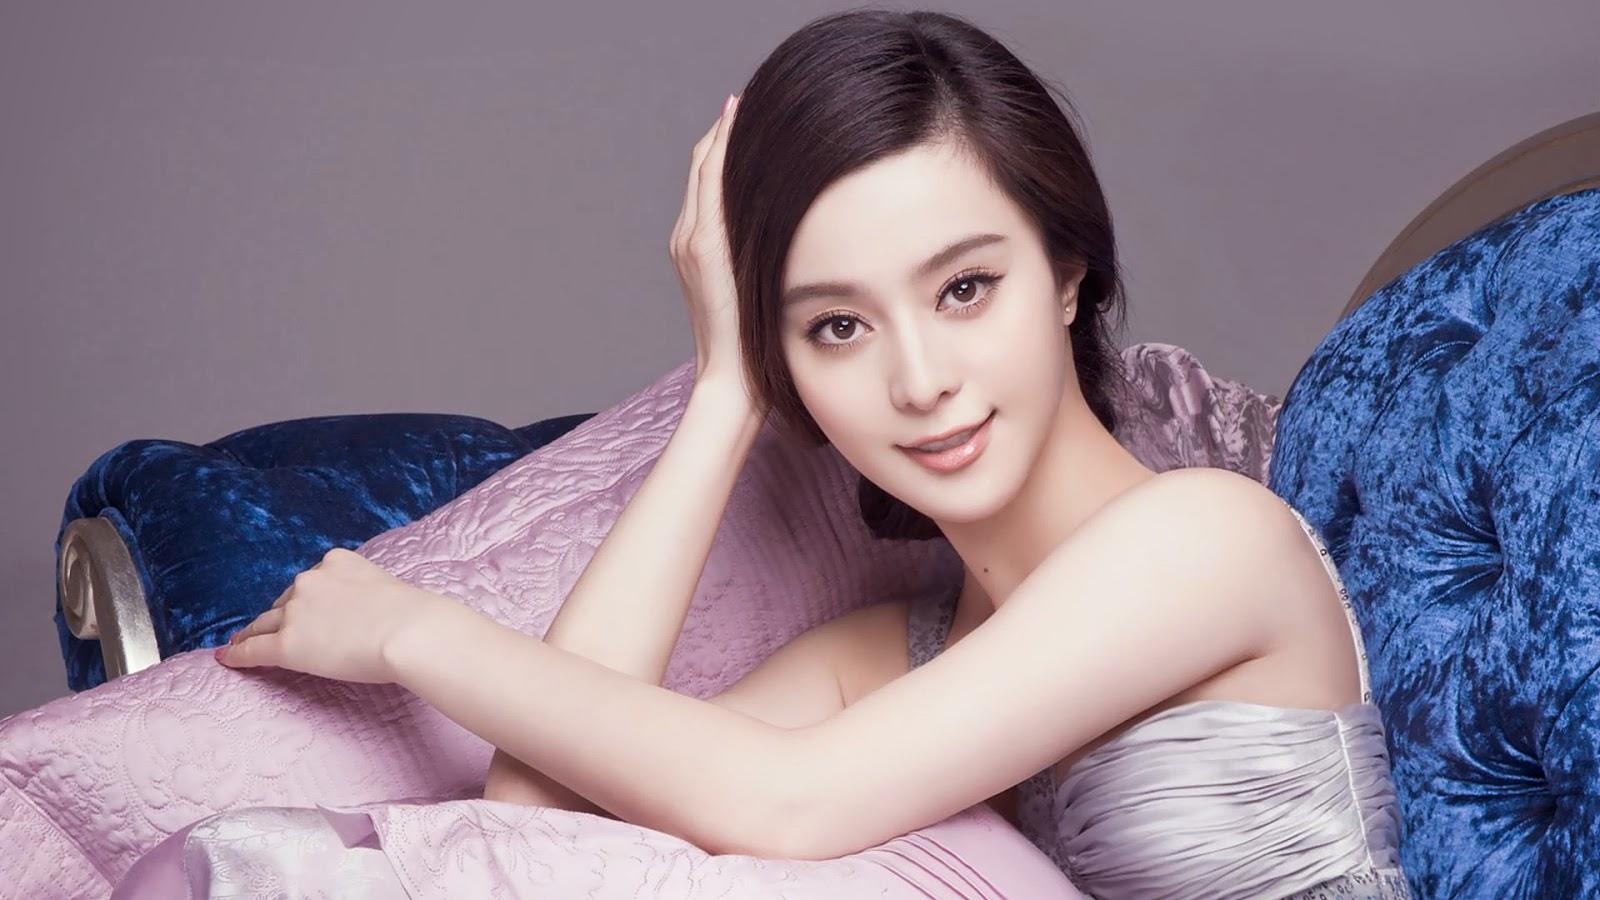 19 Wallpaper Gambar Foto Wanita Cantik Fan Bing Bing ...